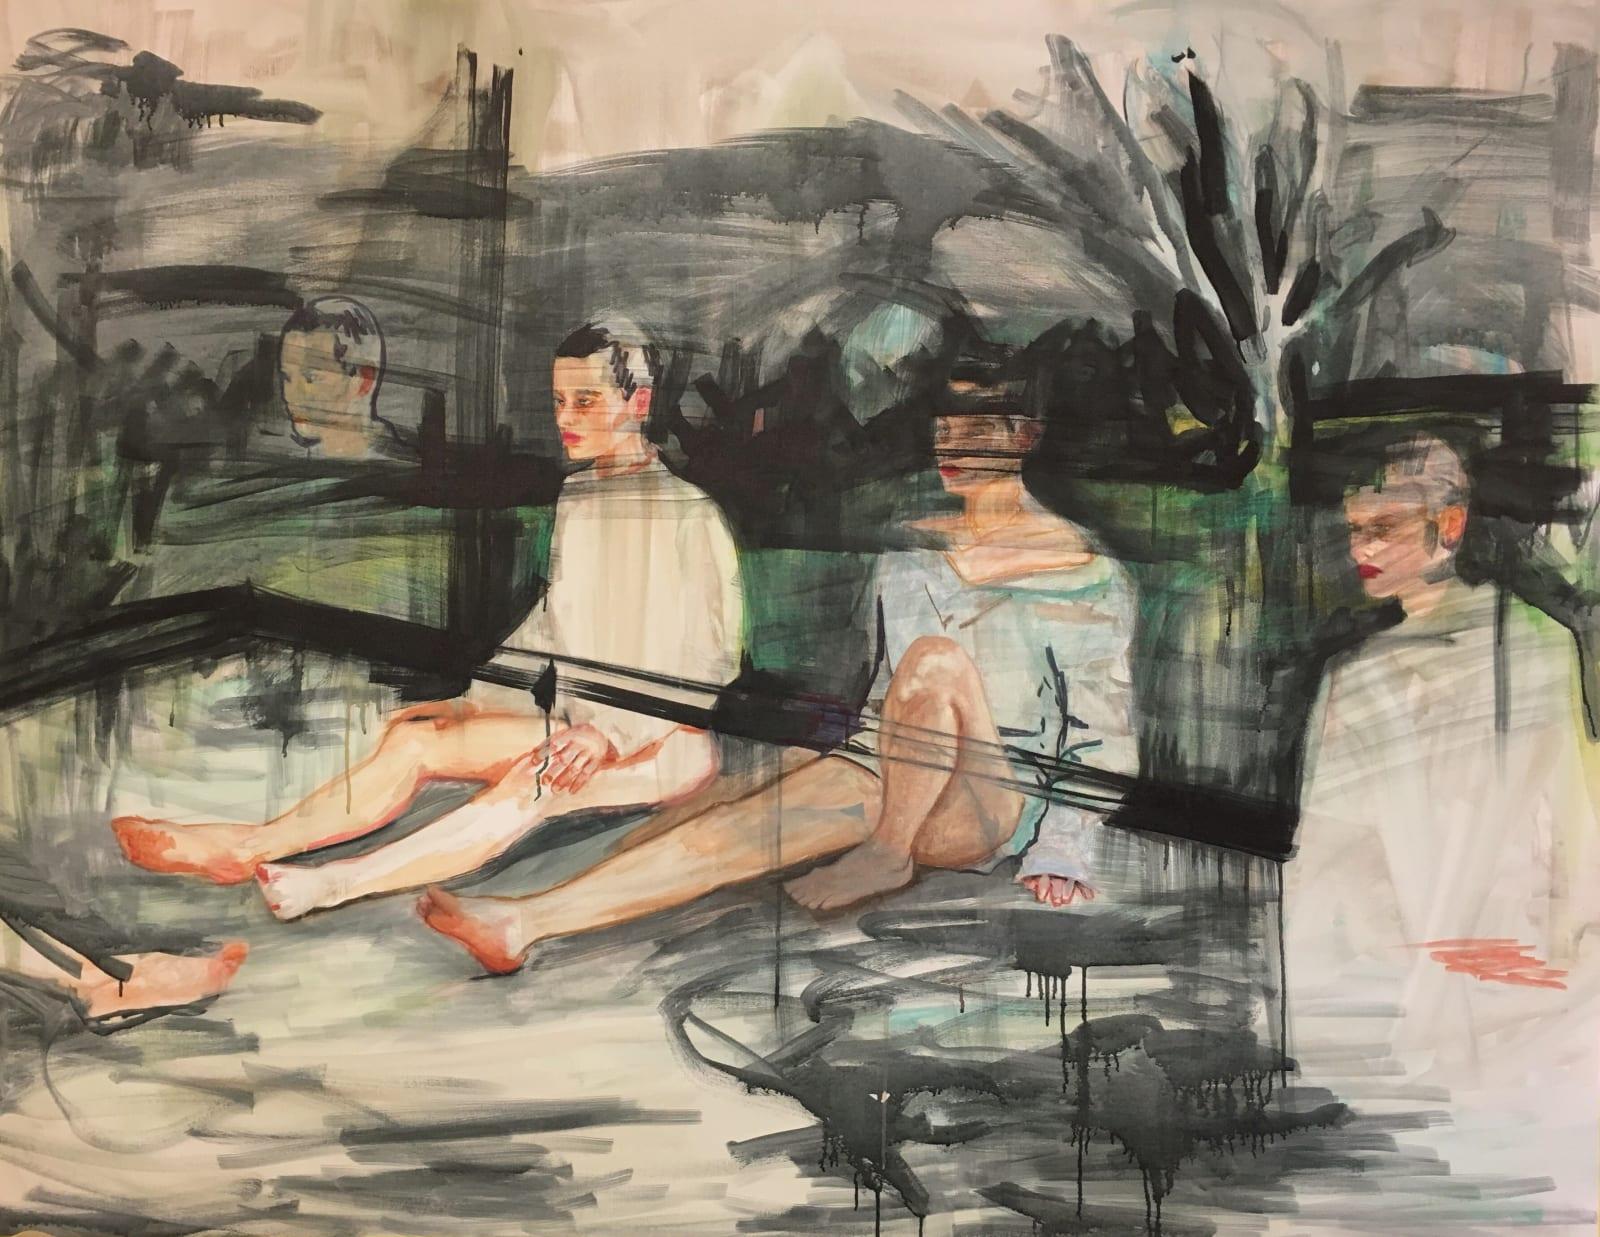 Elizabeth Schwaiger, Restless Legs, 2017